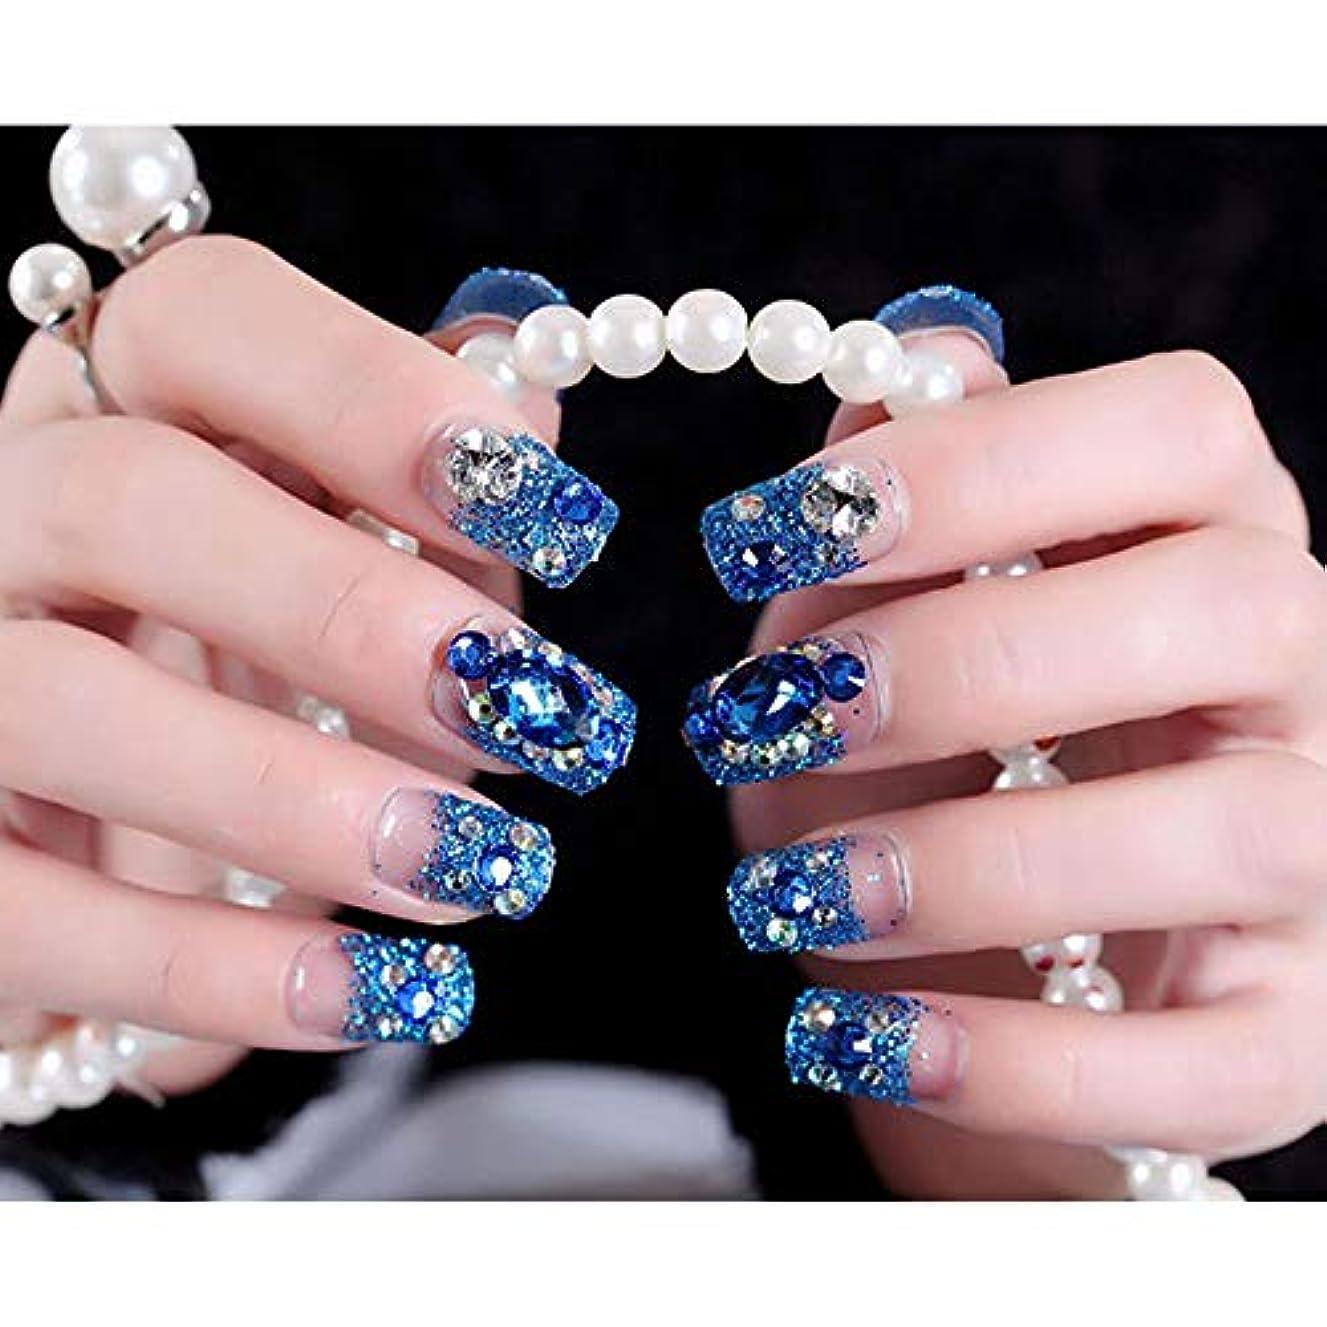 ウェイド南方の不名誉XUTXZKA ラインストーンファッション偽ネイルフルカバー花嫁ネイルアートのヒントと輝く青い色偽ネイル